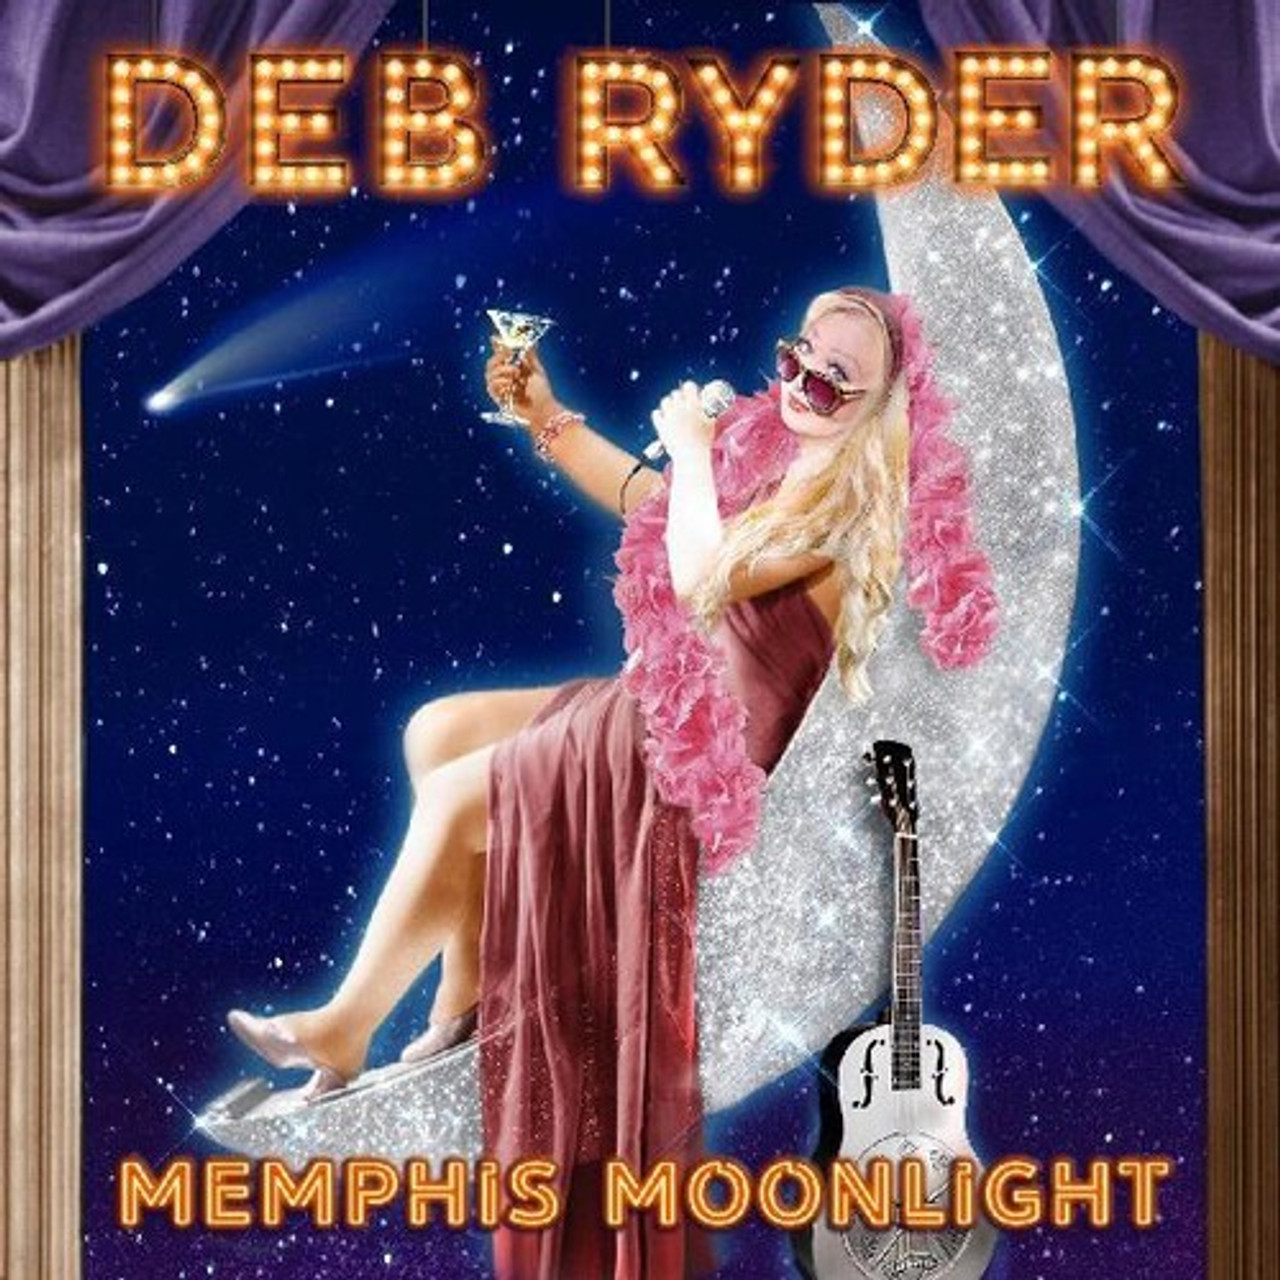 DEB RYDER - MEMPHIS MOONLIGHT